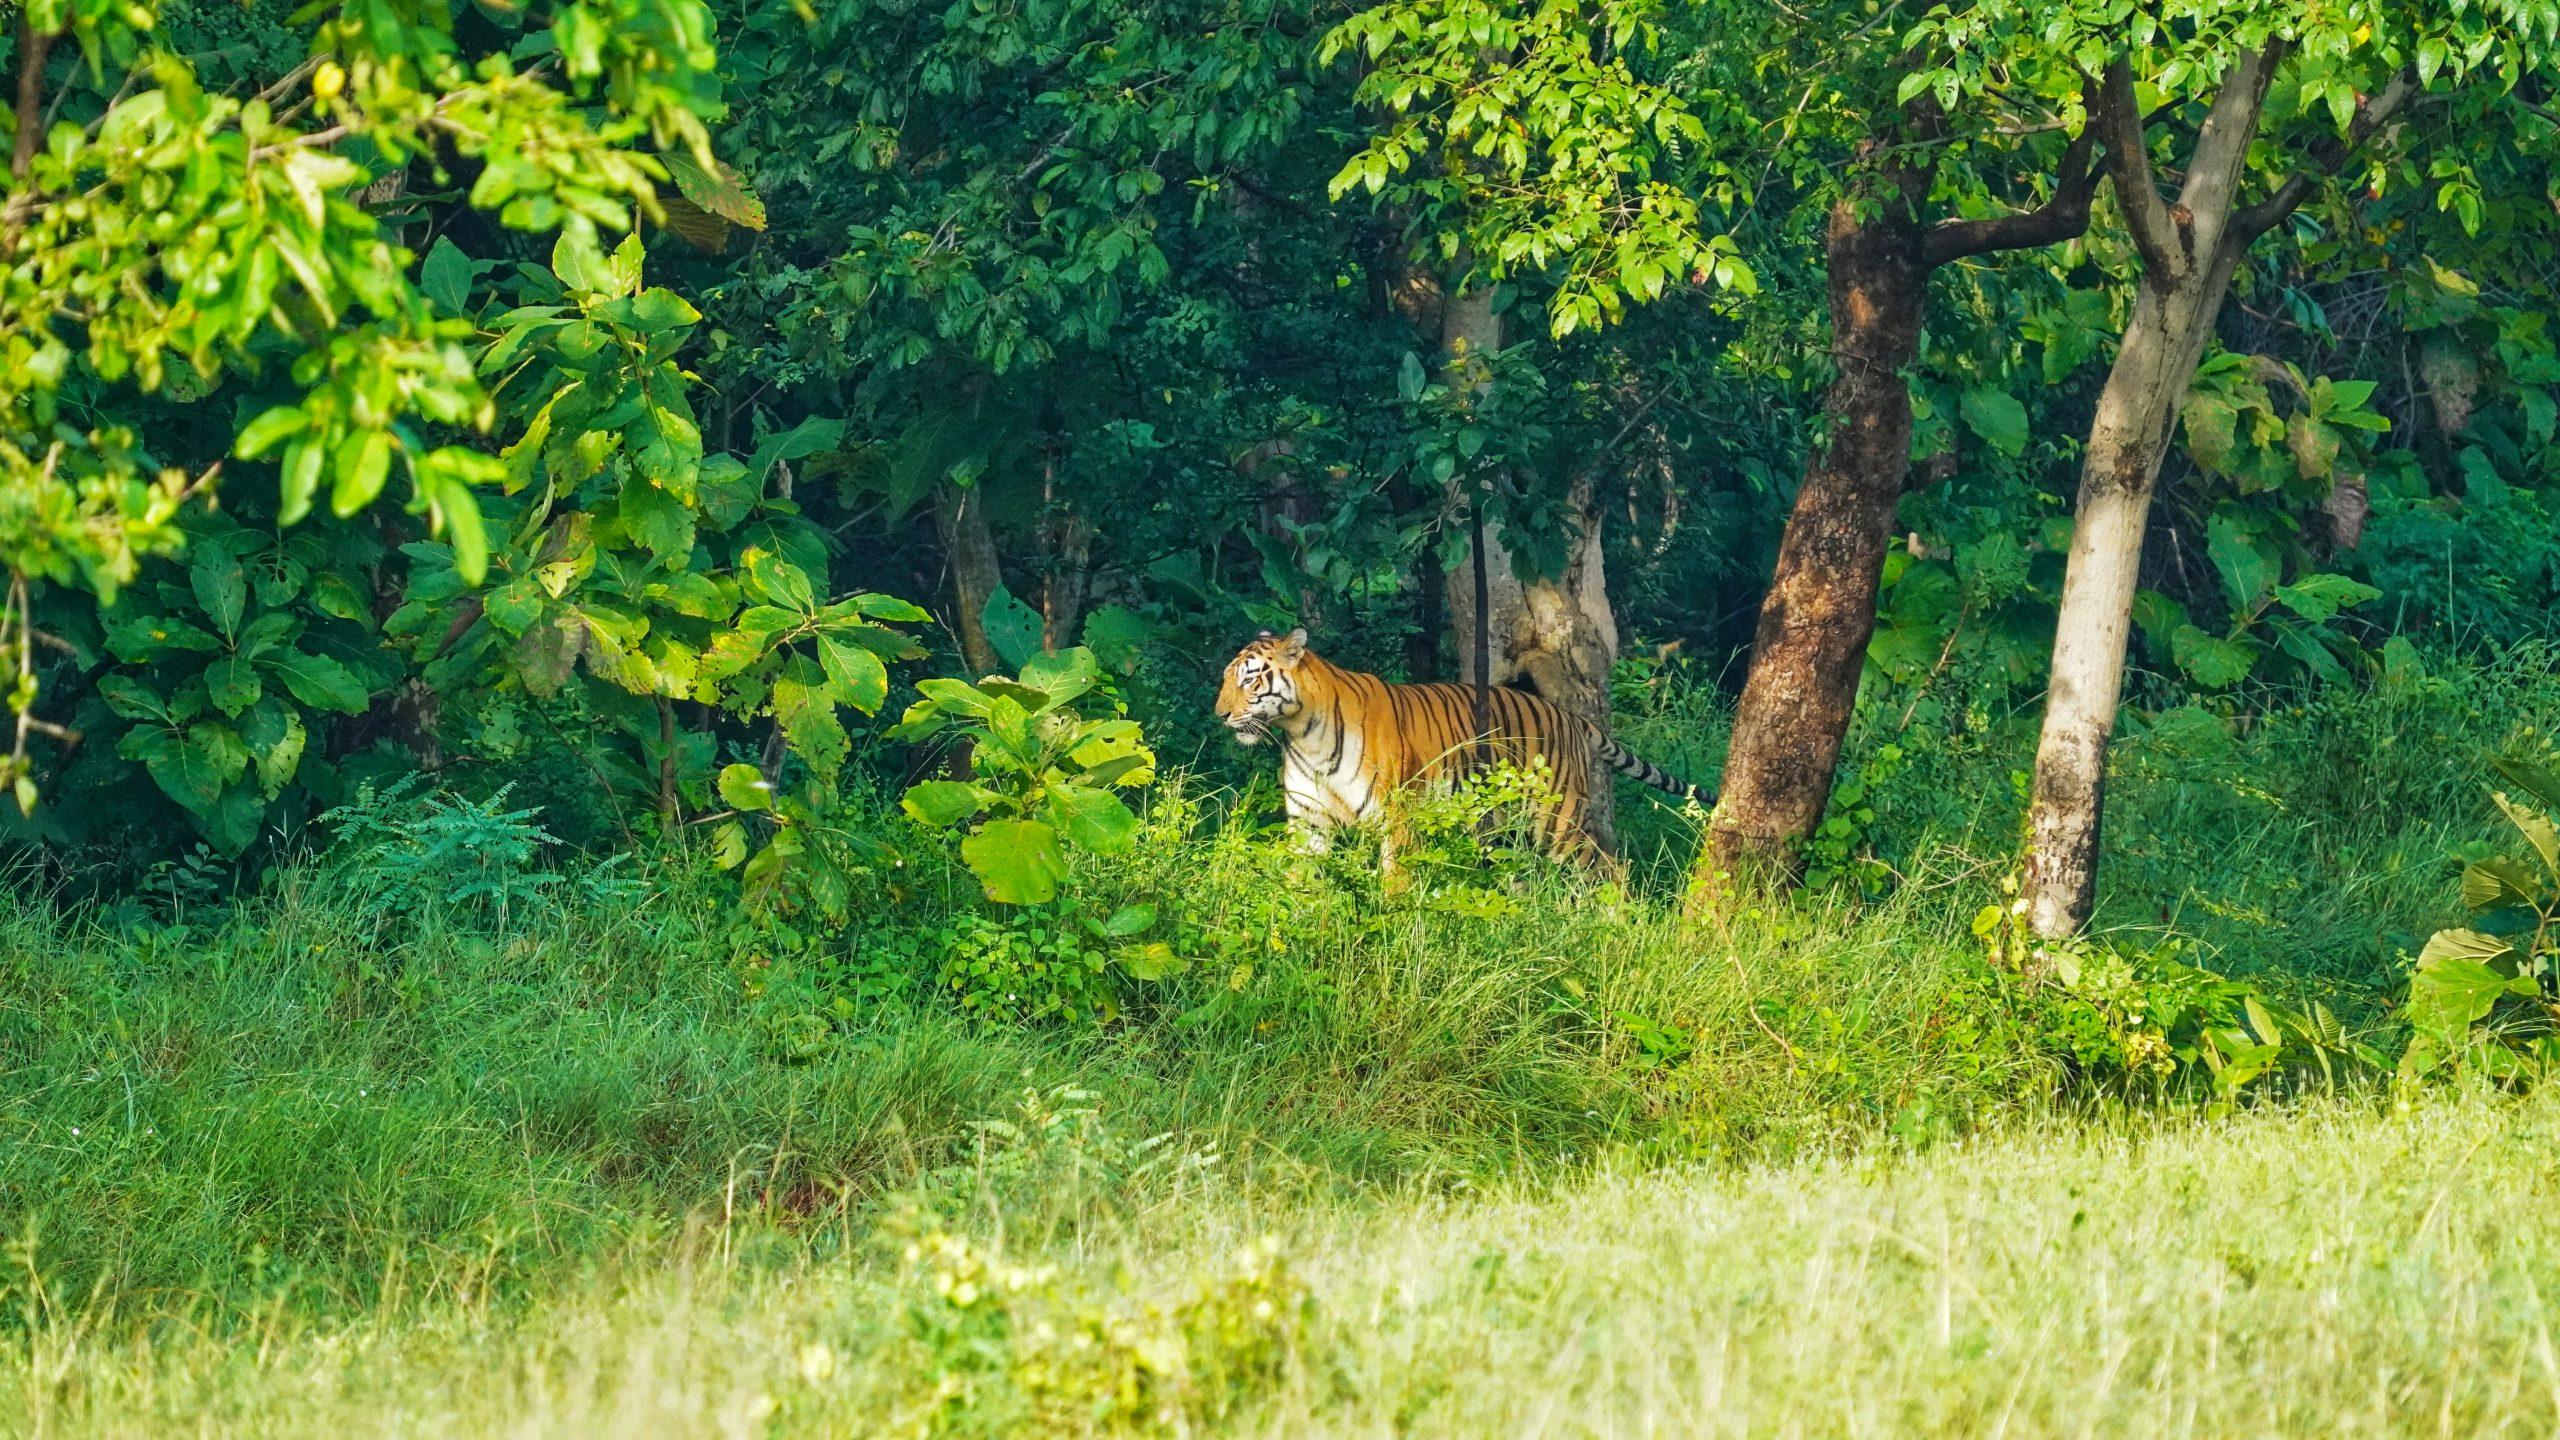 A Bengal tiger